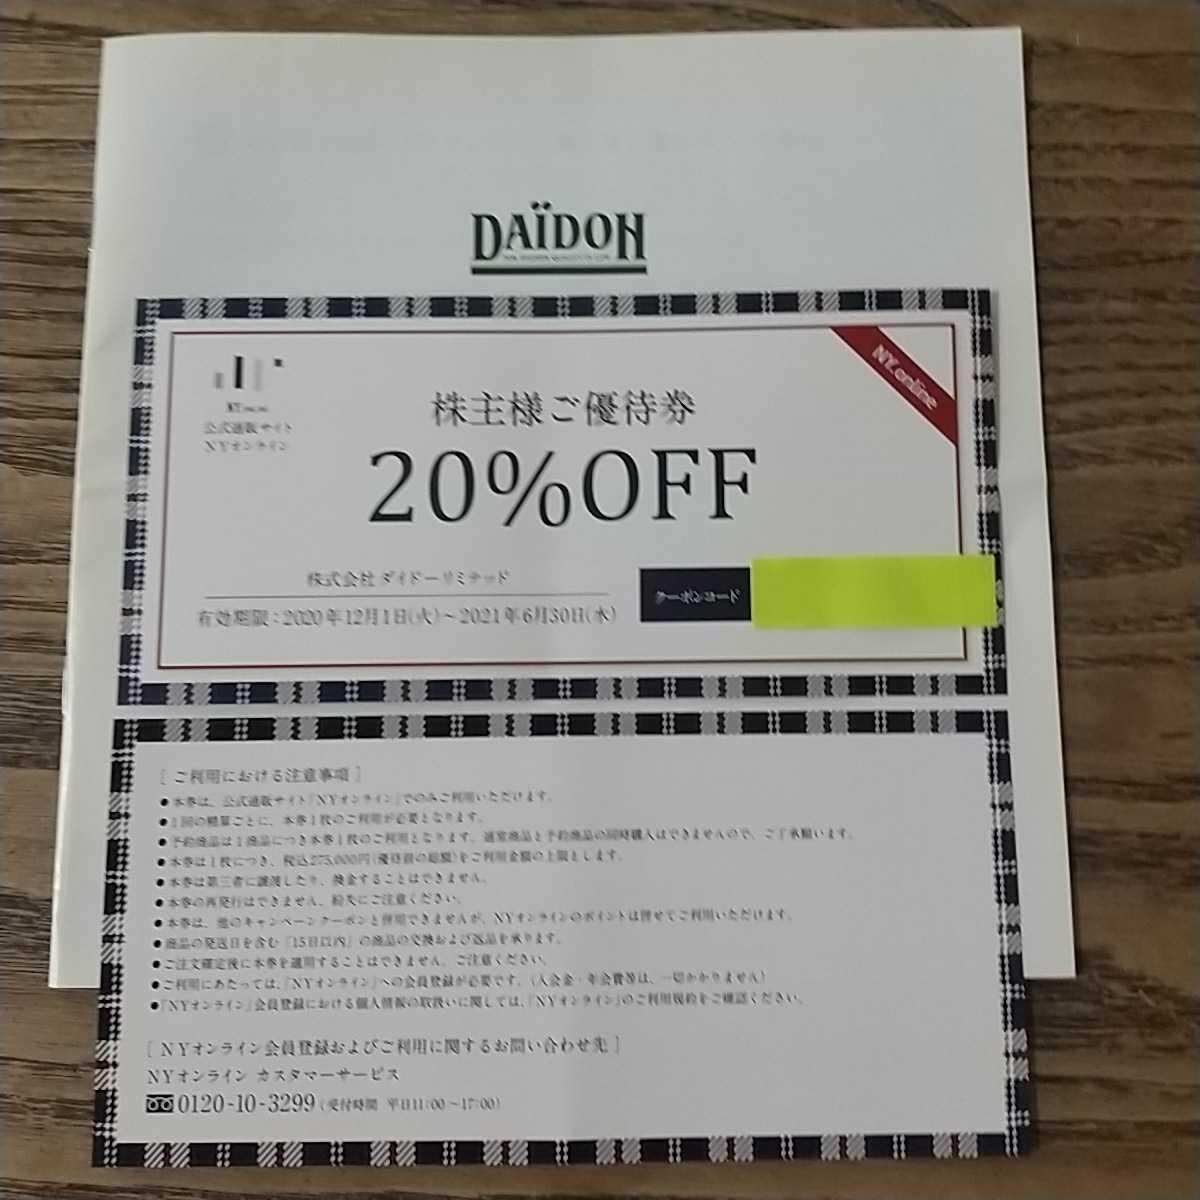 ダイドーリミテッド株主優待 20%off券_画像1